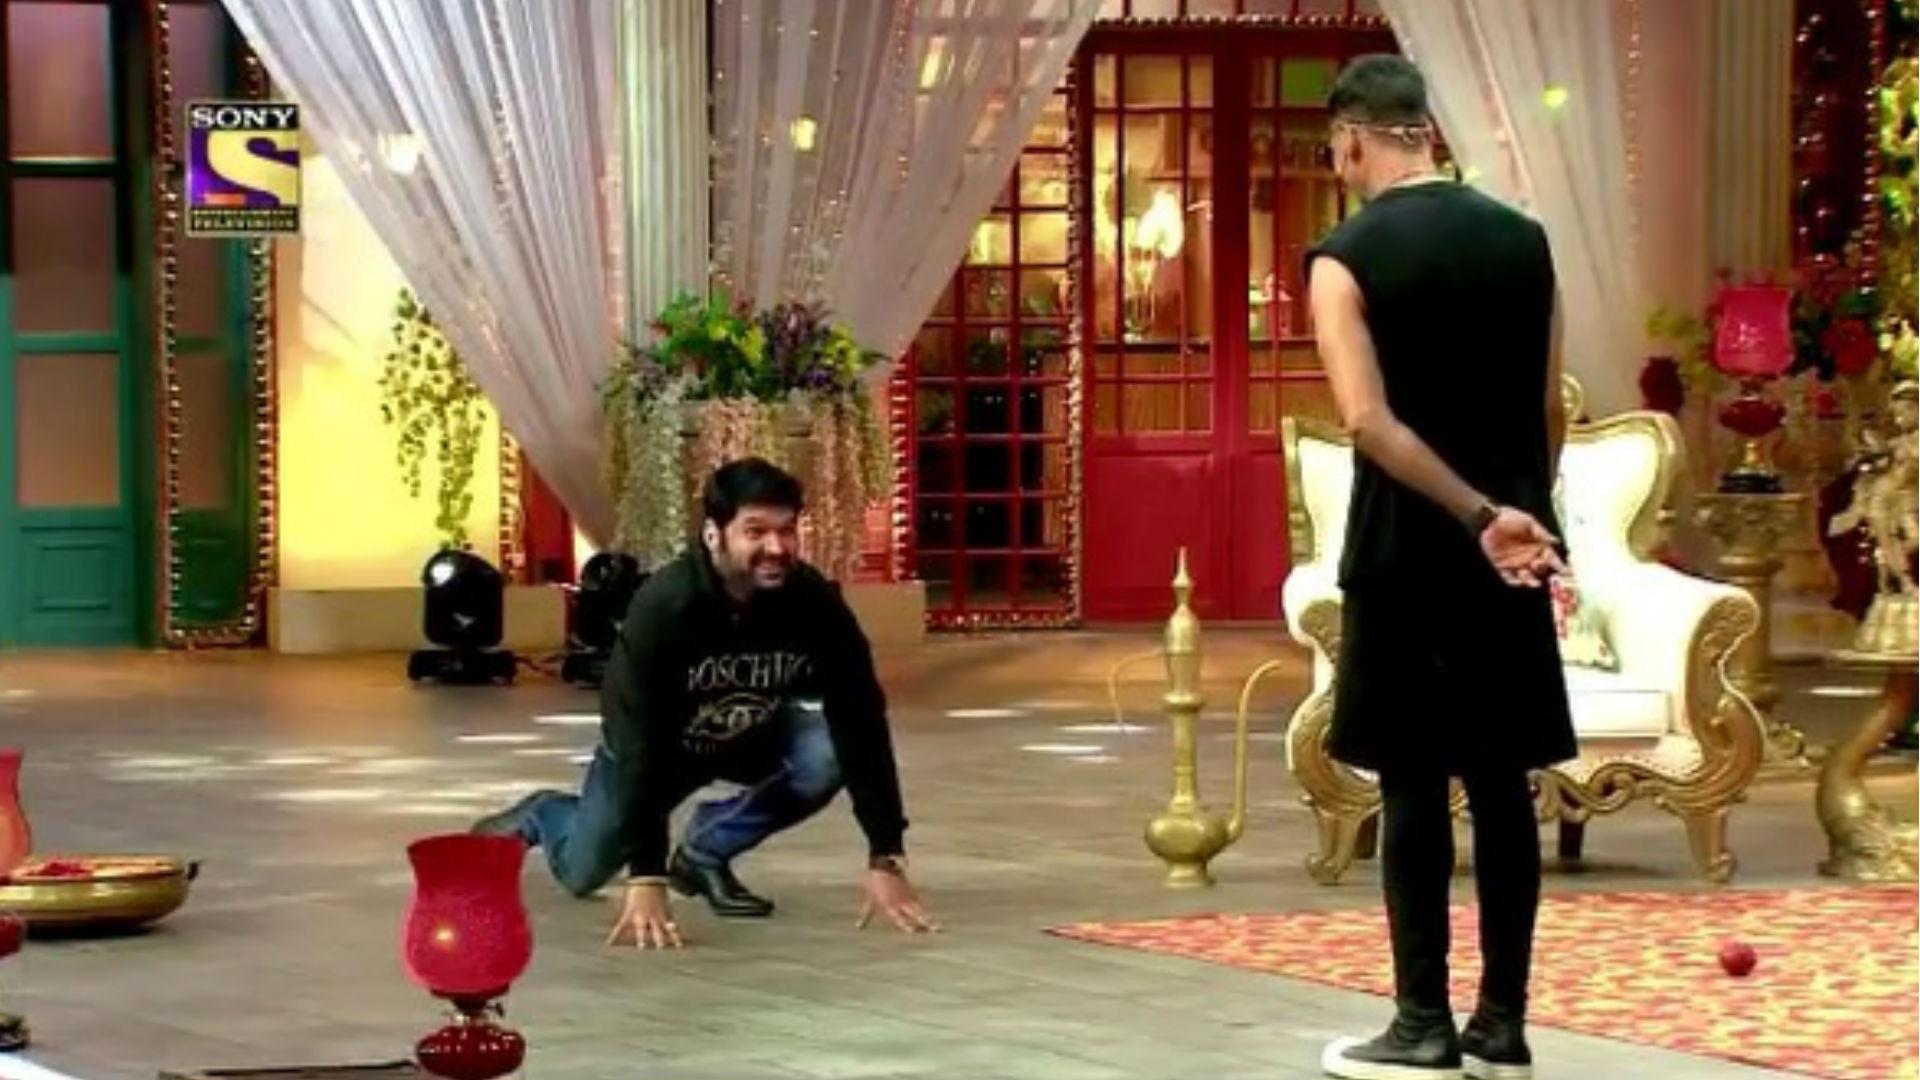 Housefull 4 Movie: अक्षय कुमार ने कपिल शर्मा से करवाया सूर्य नमस्कार, अर्चना पूरन सिंह ने शेयर किया वीडियो